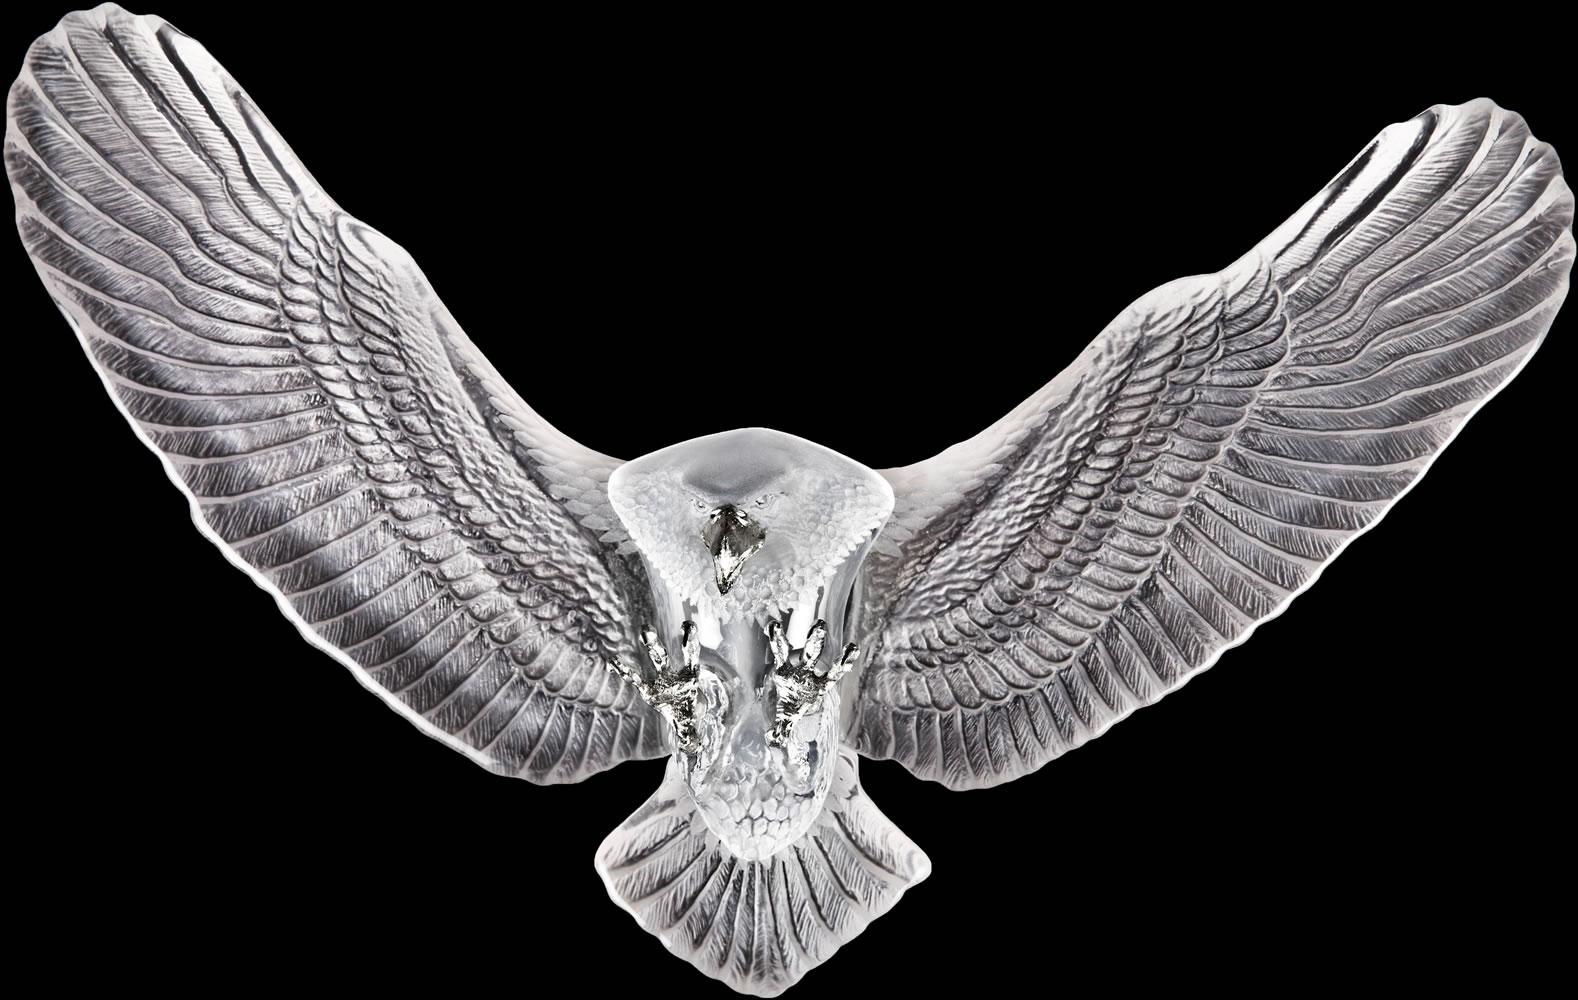 Bald Eagle Crystal Wall Sculpture Mats Jonasson Crystal